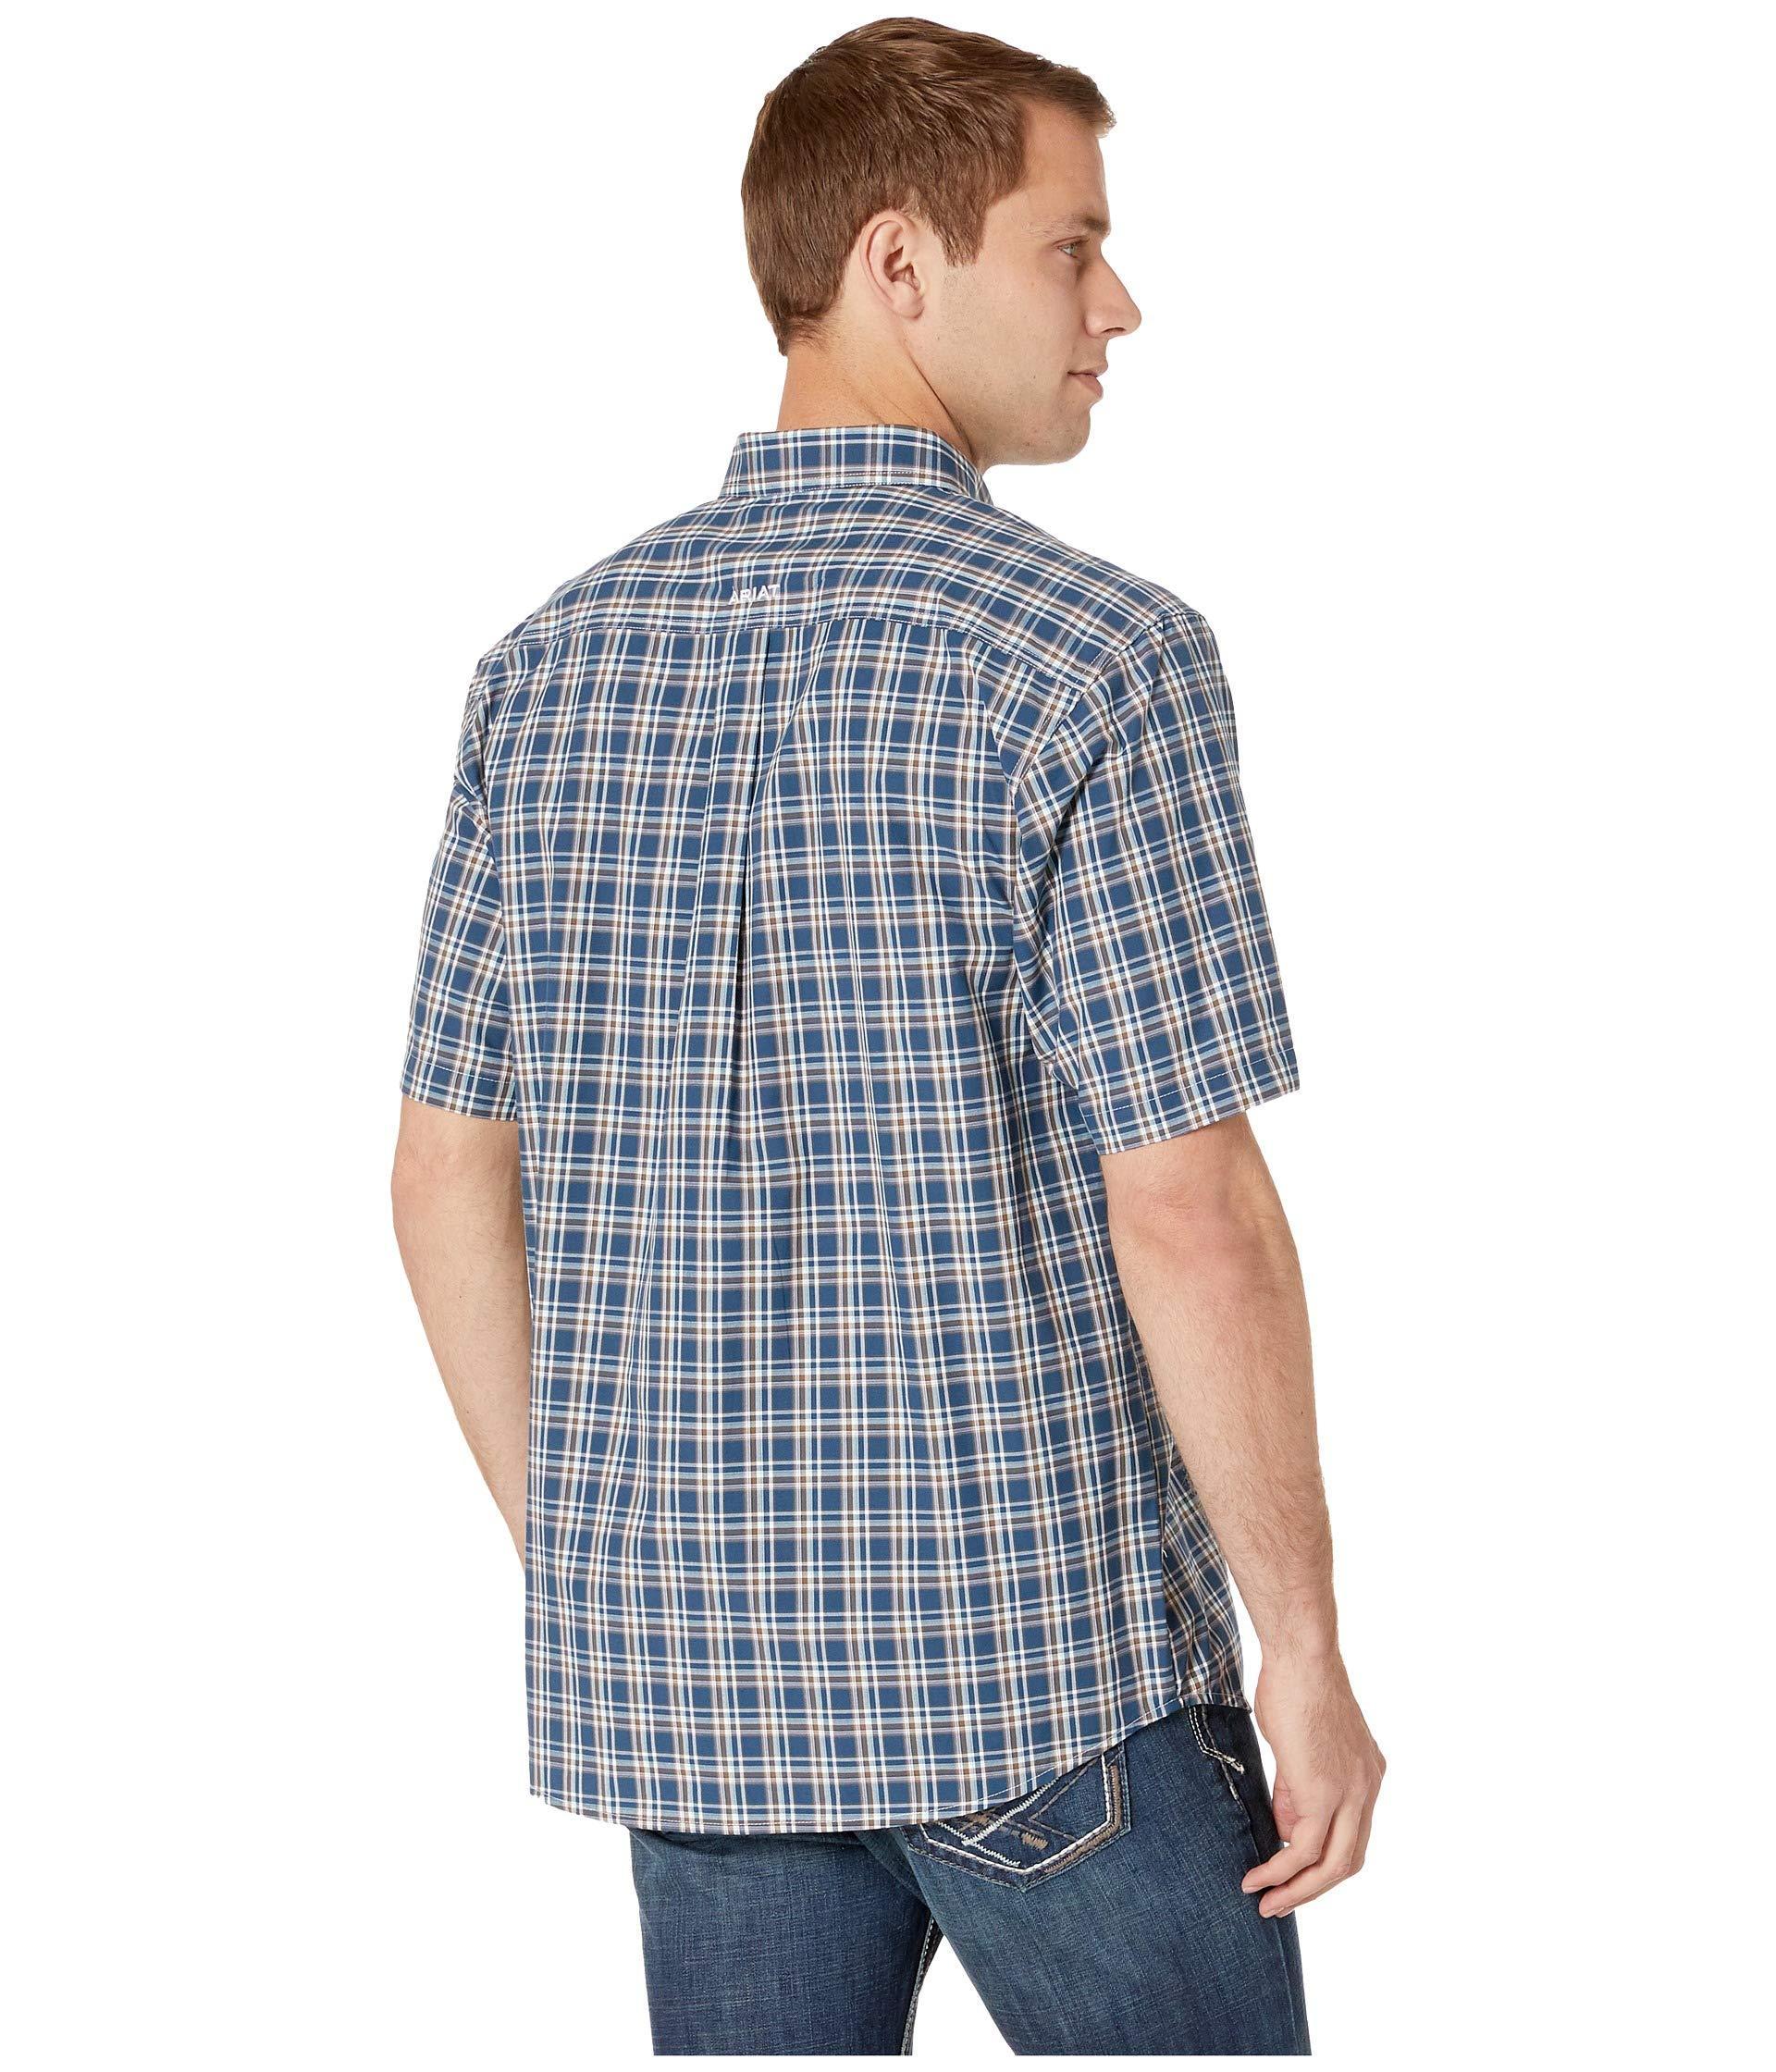 0a6a943d98 Lyst - Ariat Harold Shirt (petrol Blue) Men s Short Sleeve Button Up ...